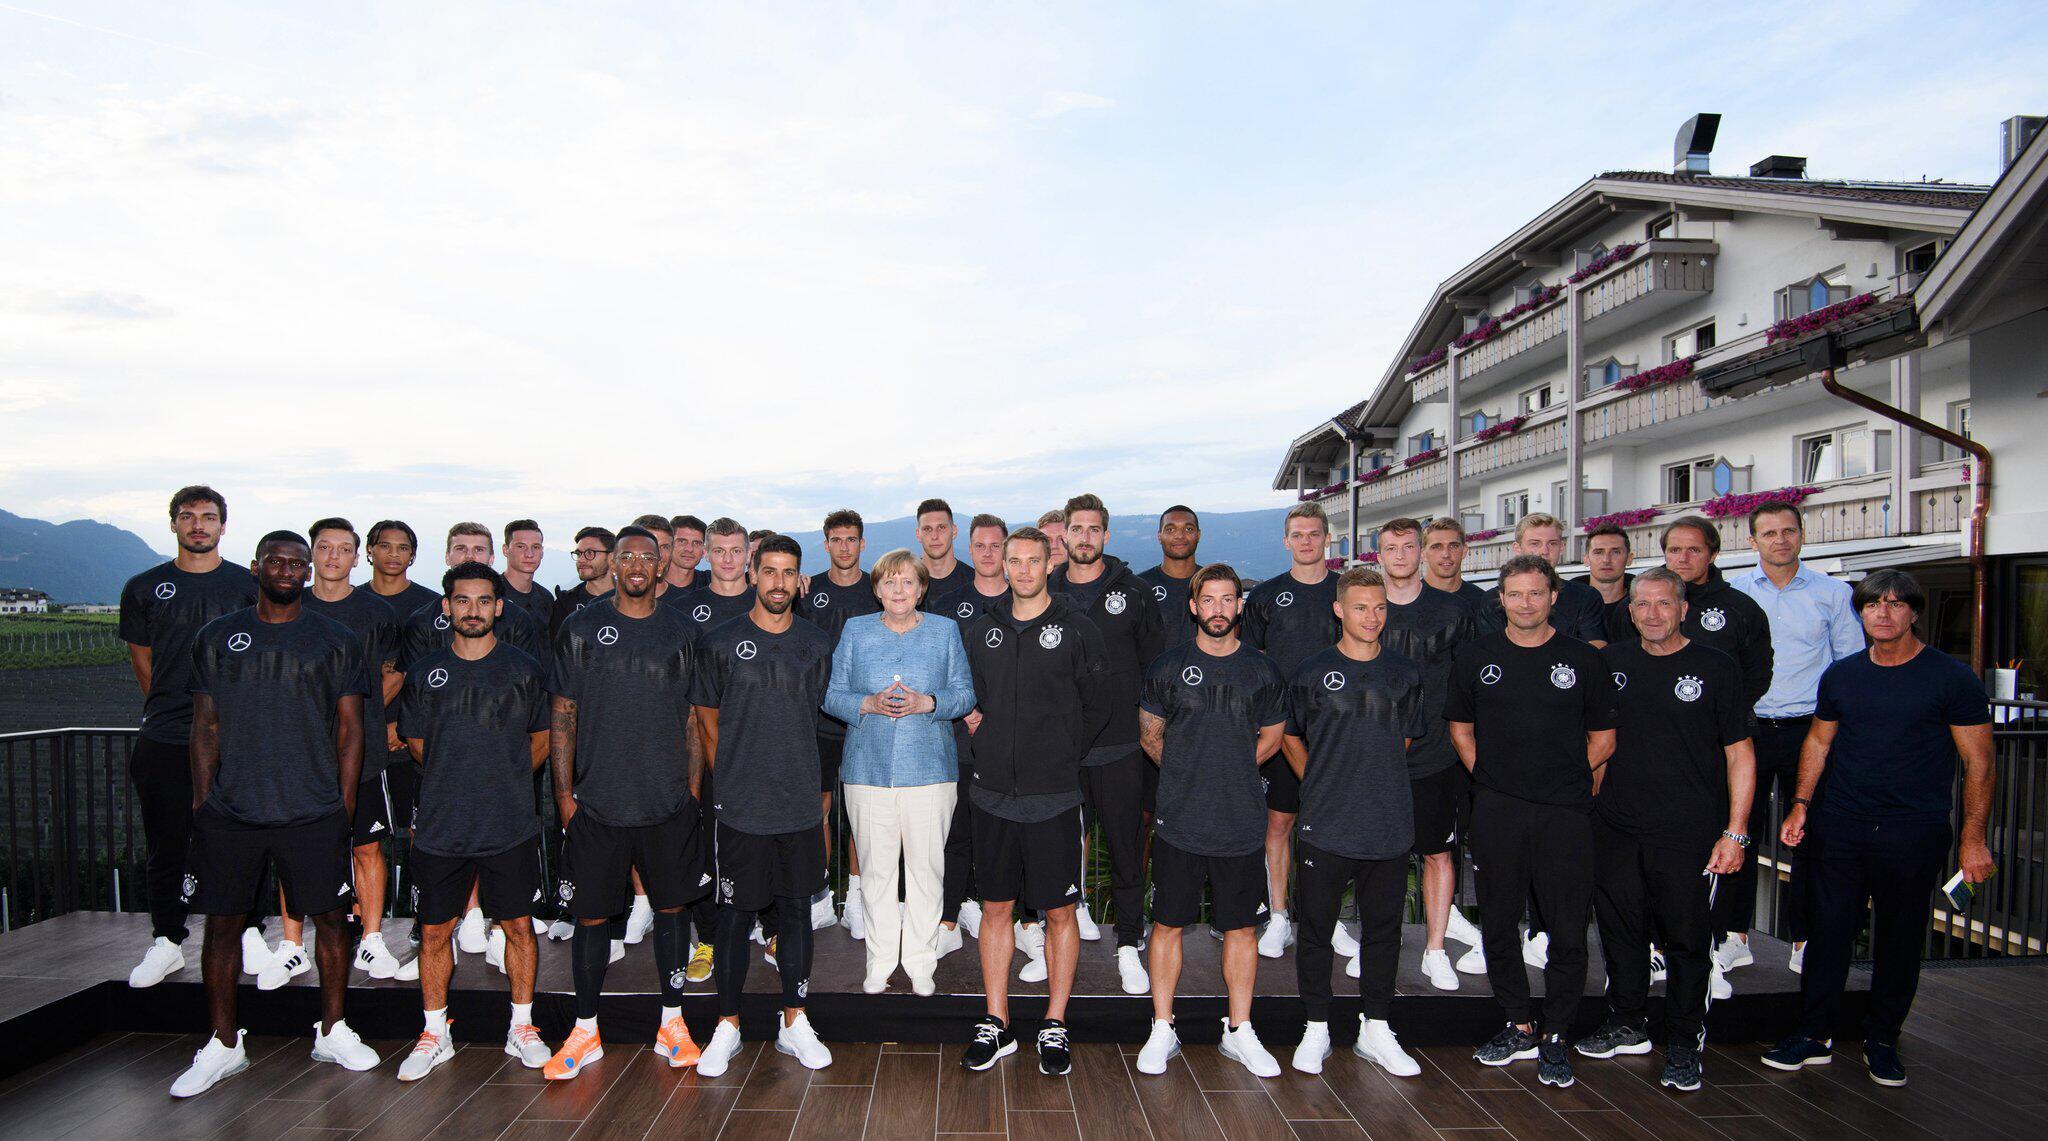 Bild zu WM 2018 - Trainingslager Deutschland - Merkel